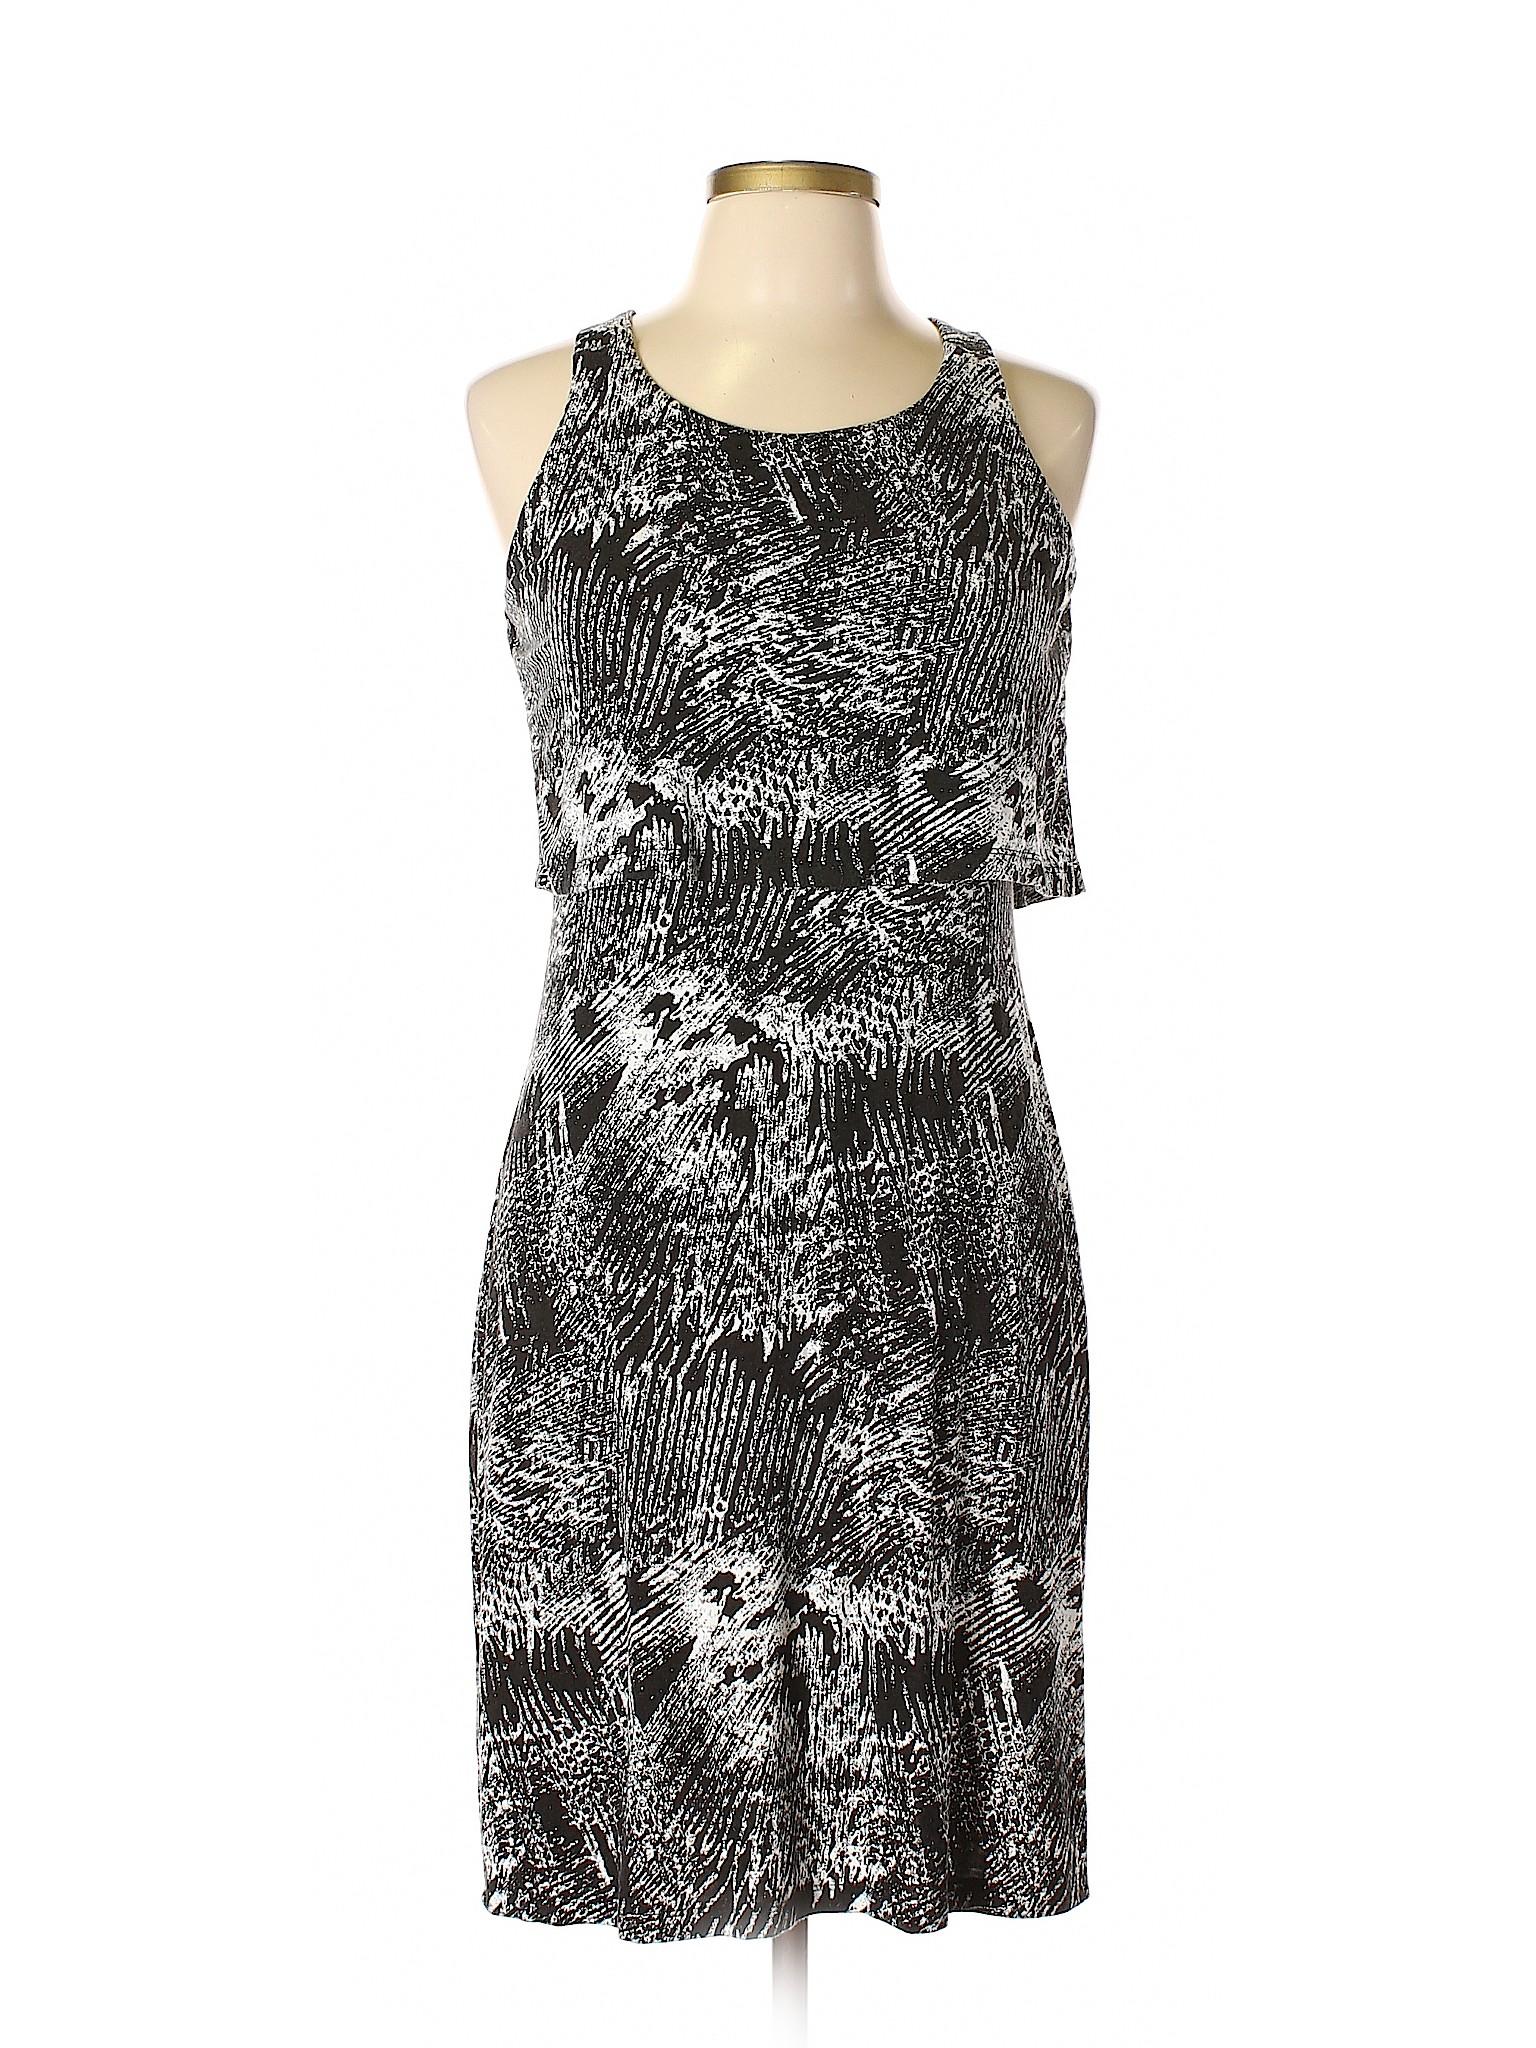 Boutique Boutique Boutique Winter Premise Casual Casual Dress Winter Winter Dress Premise Premise wqSATwRZ